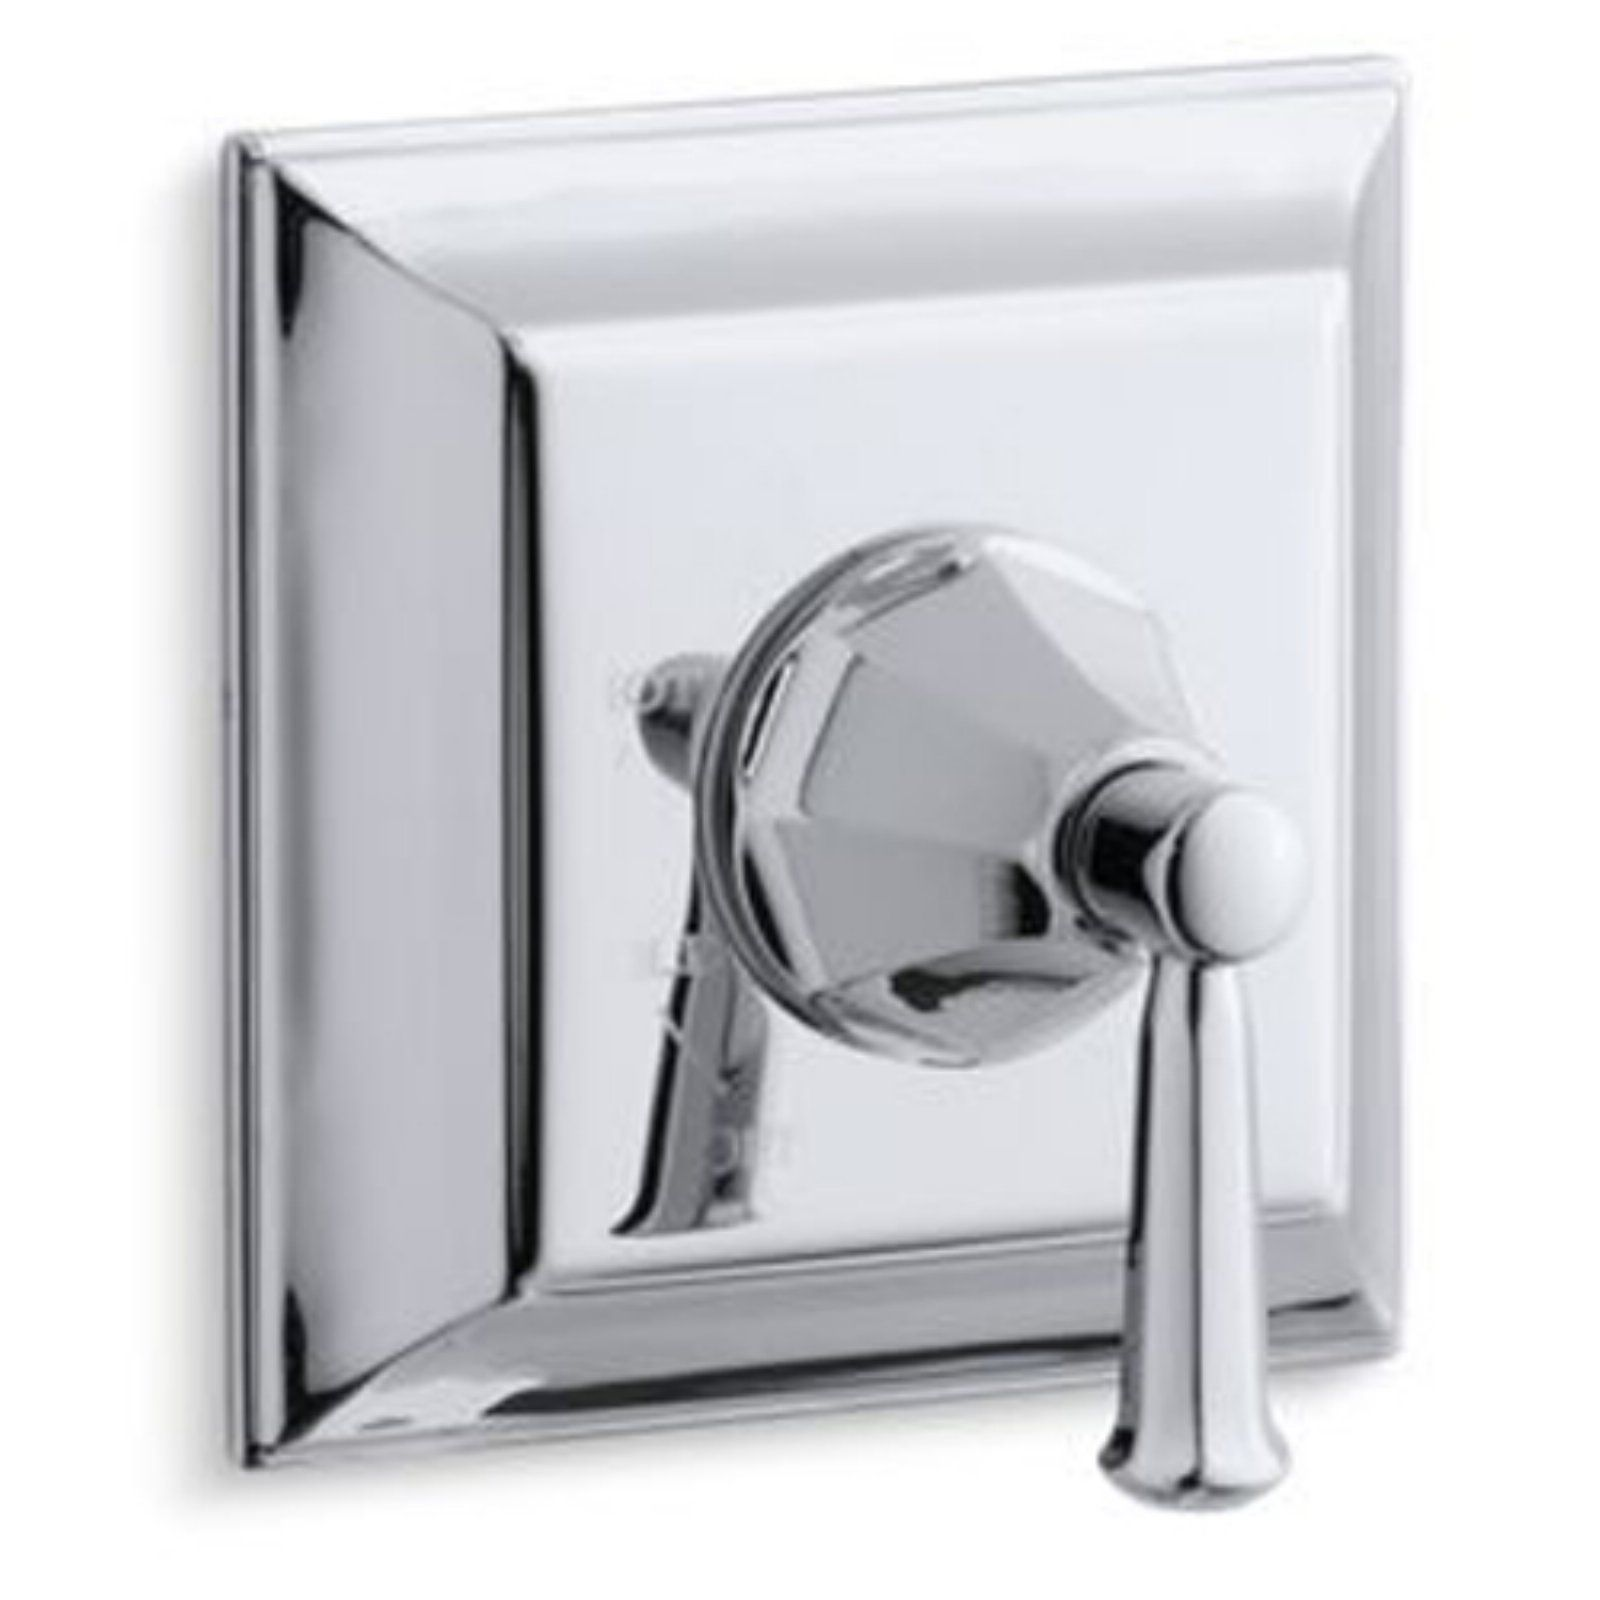 Kohler Kts463 4s Valve Trim Tub Shower Faucets Kohler Memoirs